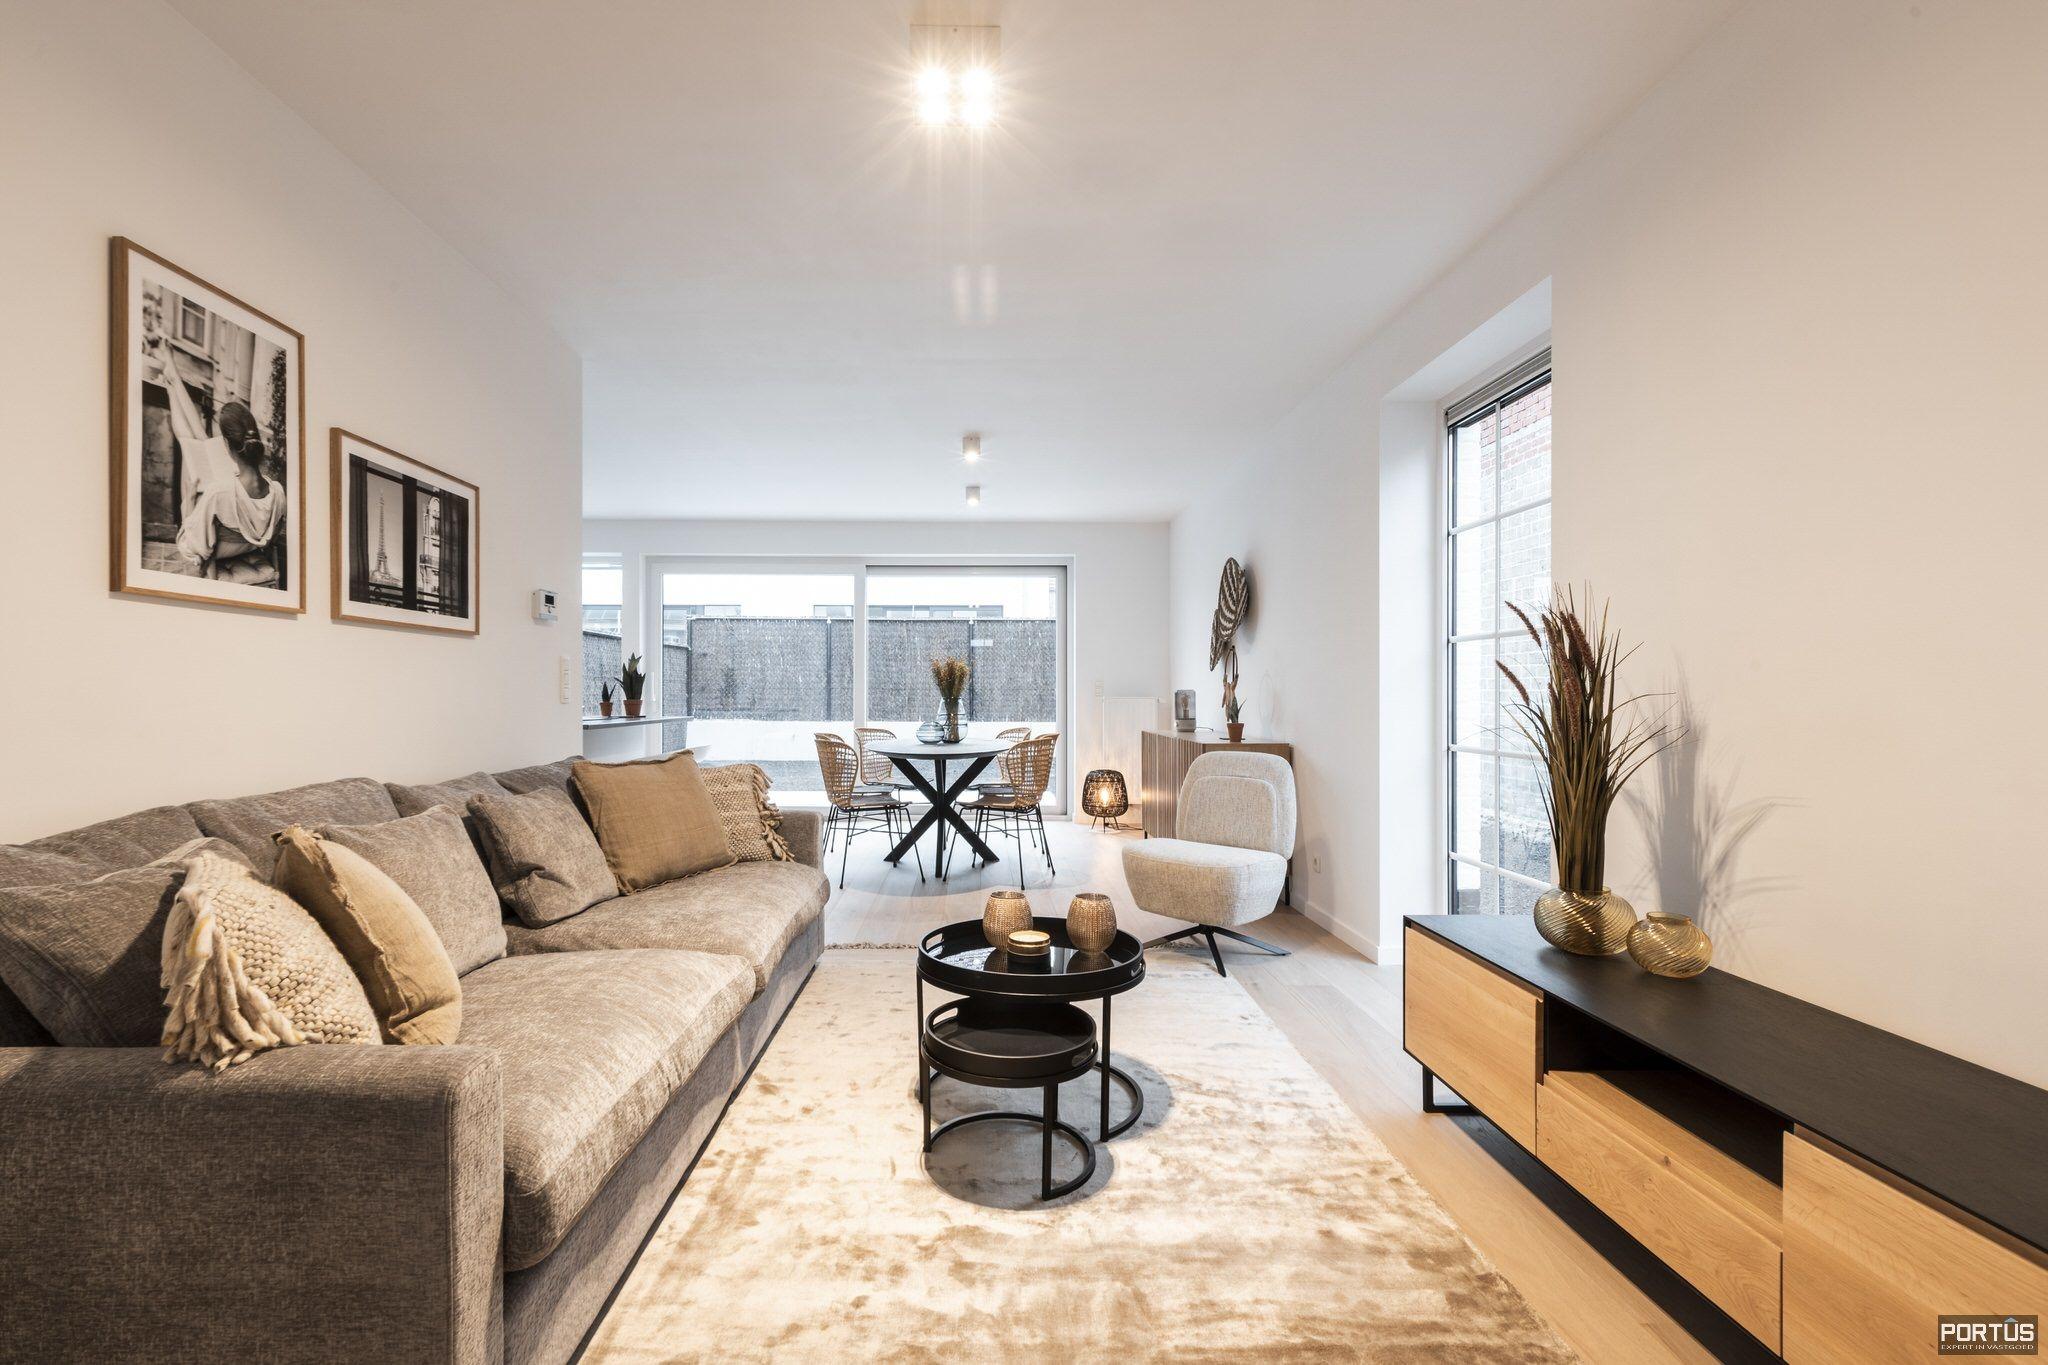 Nieuwbouwwoning met 4 slaapkamers te koop te Lombardsijde